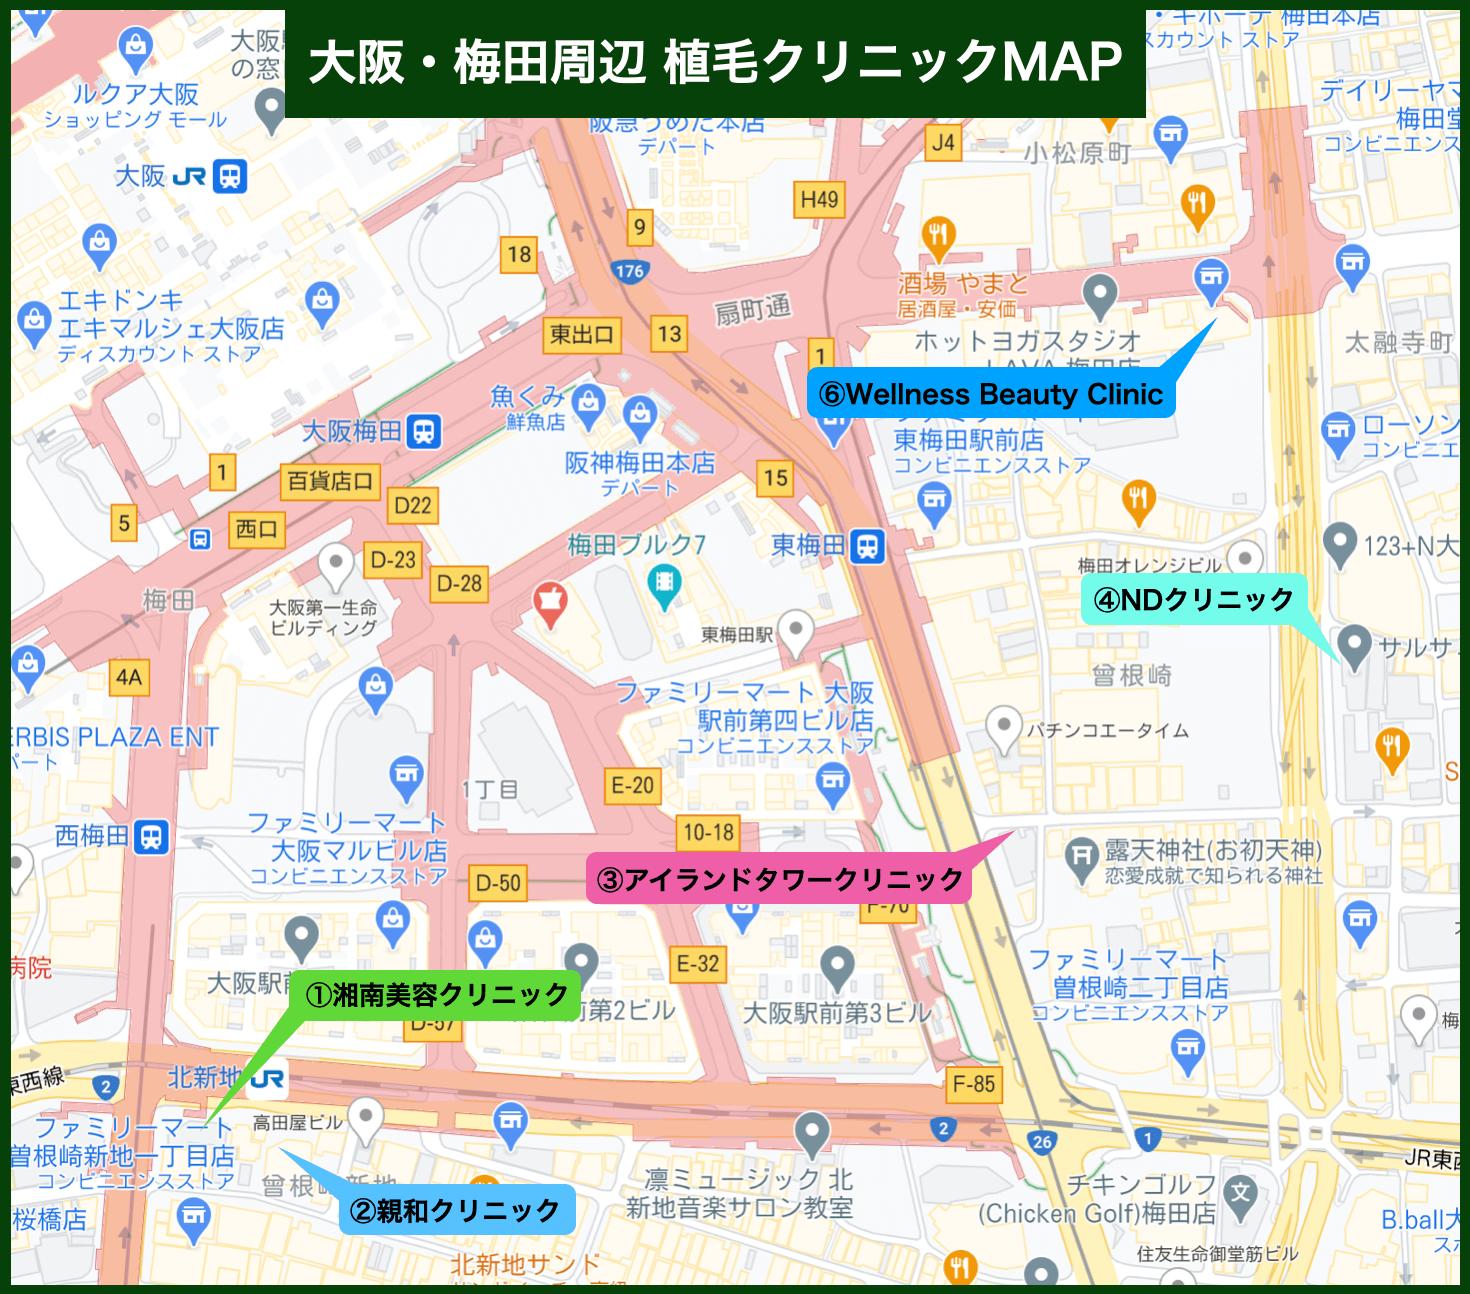 大阪・梅田周辺 植毛クリニックMAP(2021年版)